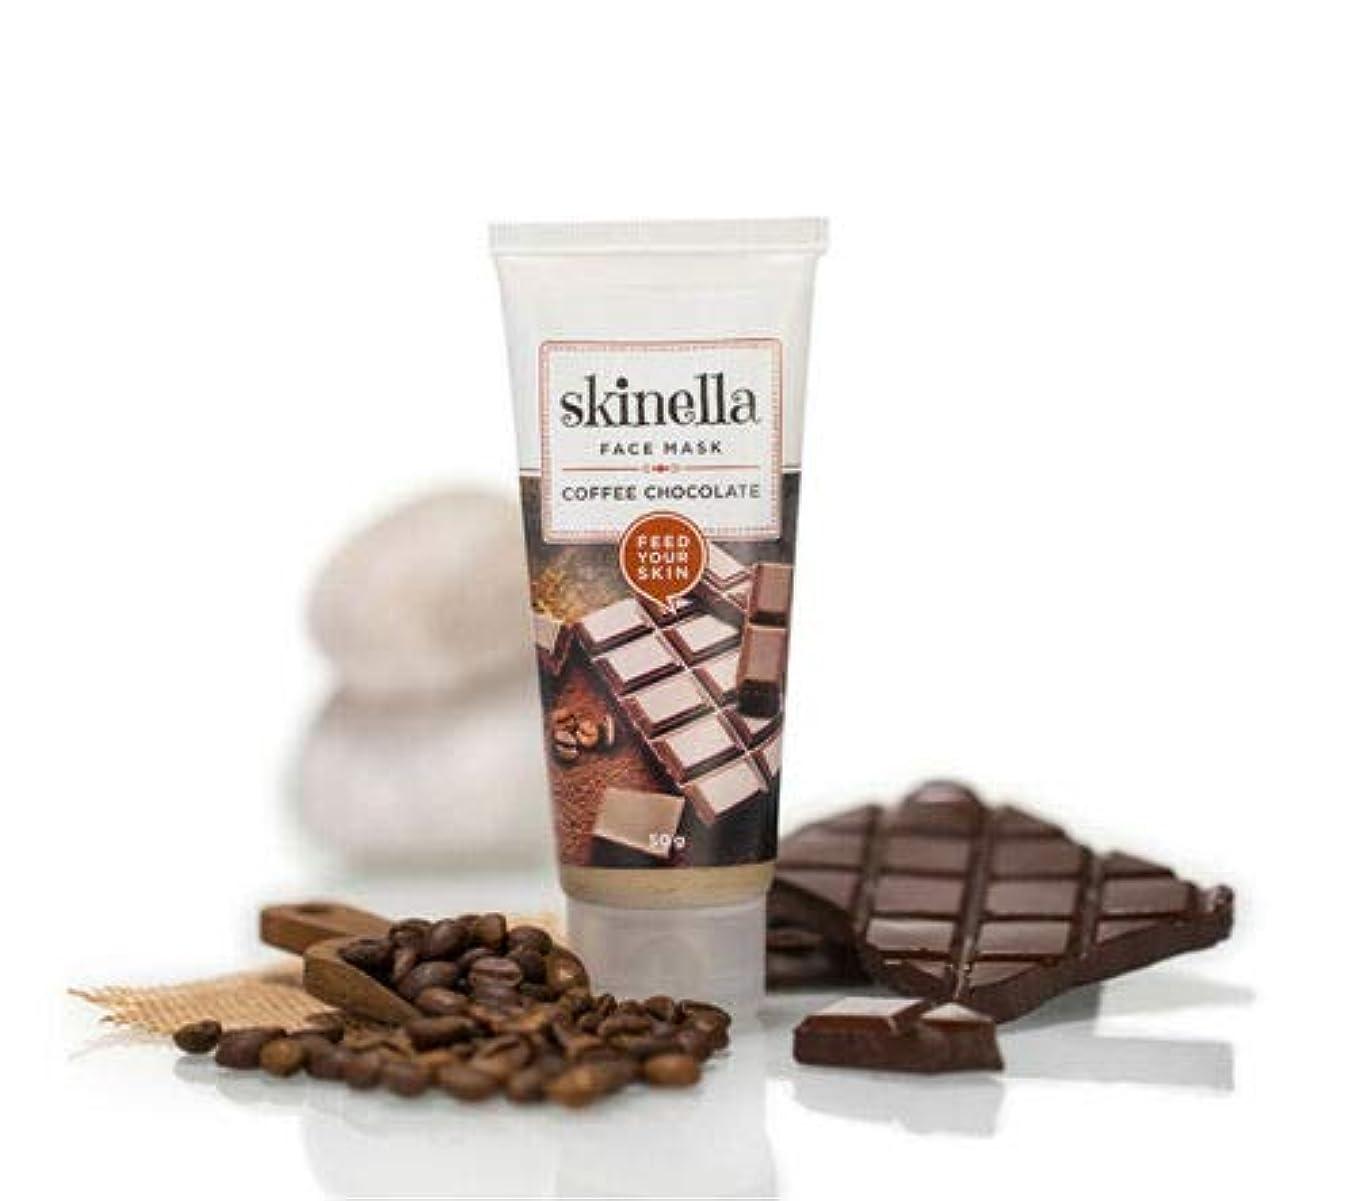 危険を冒しますつま先代わりにSkinella Coffee Chocolate Face Mask 50g for a hydrated and rejuvenated look Skinellaコーヒーチョコレートフェイスマスク50g